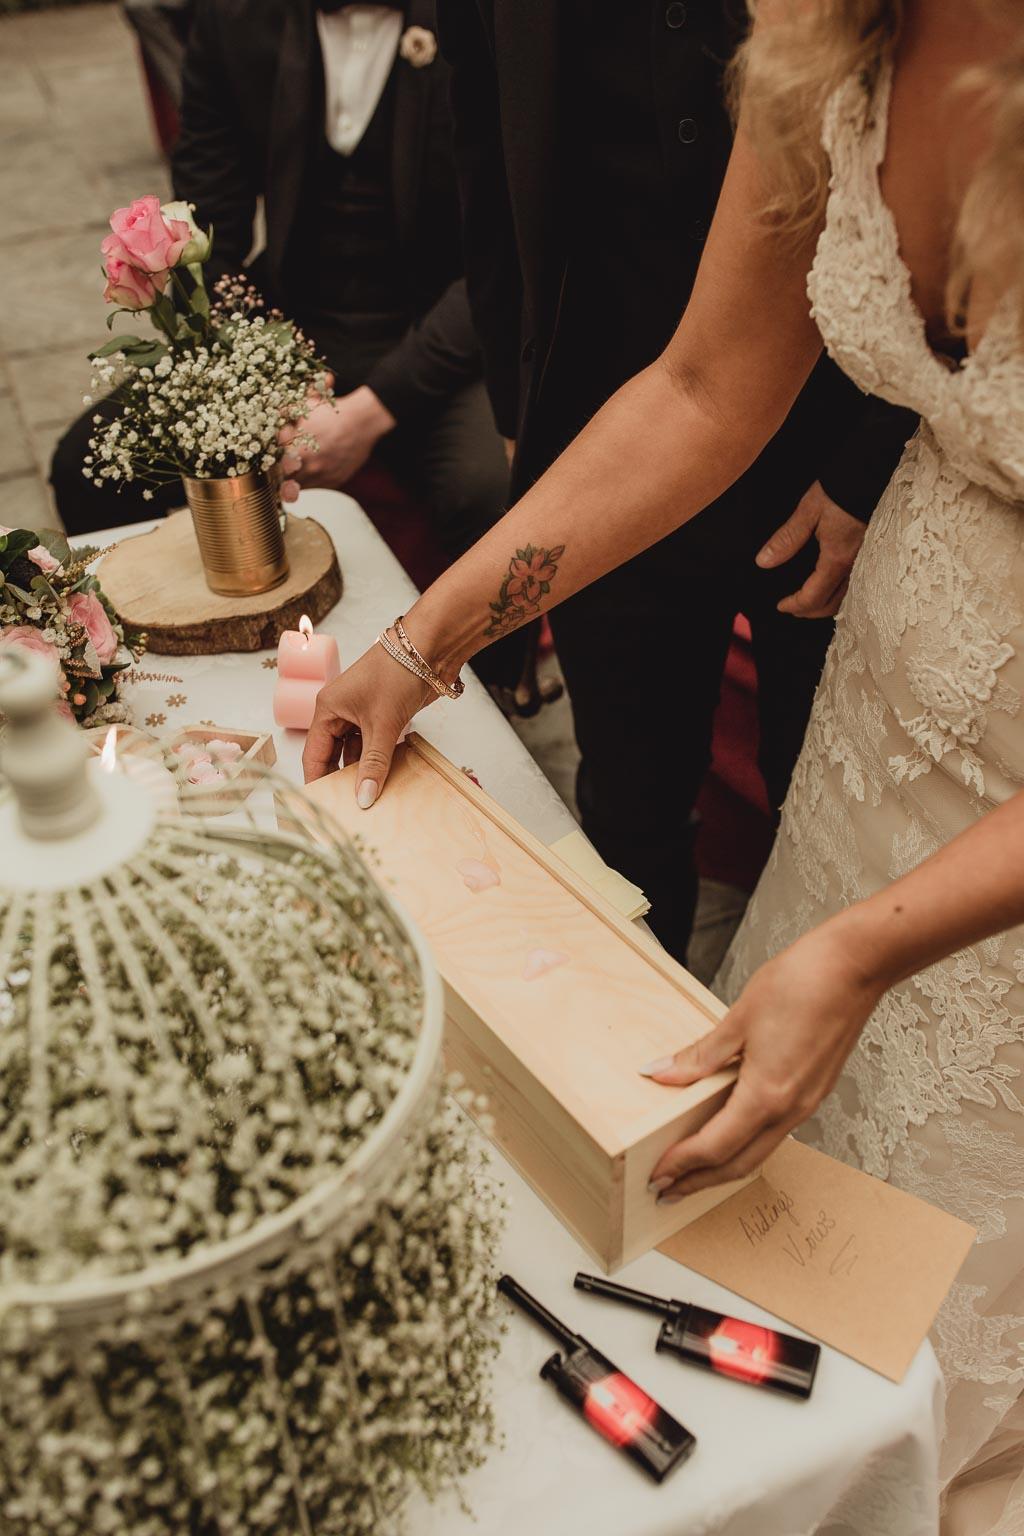 shabby chic wedding ideas-11.jpg